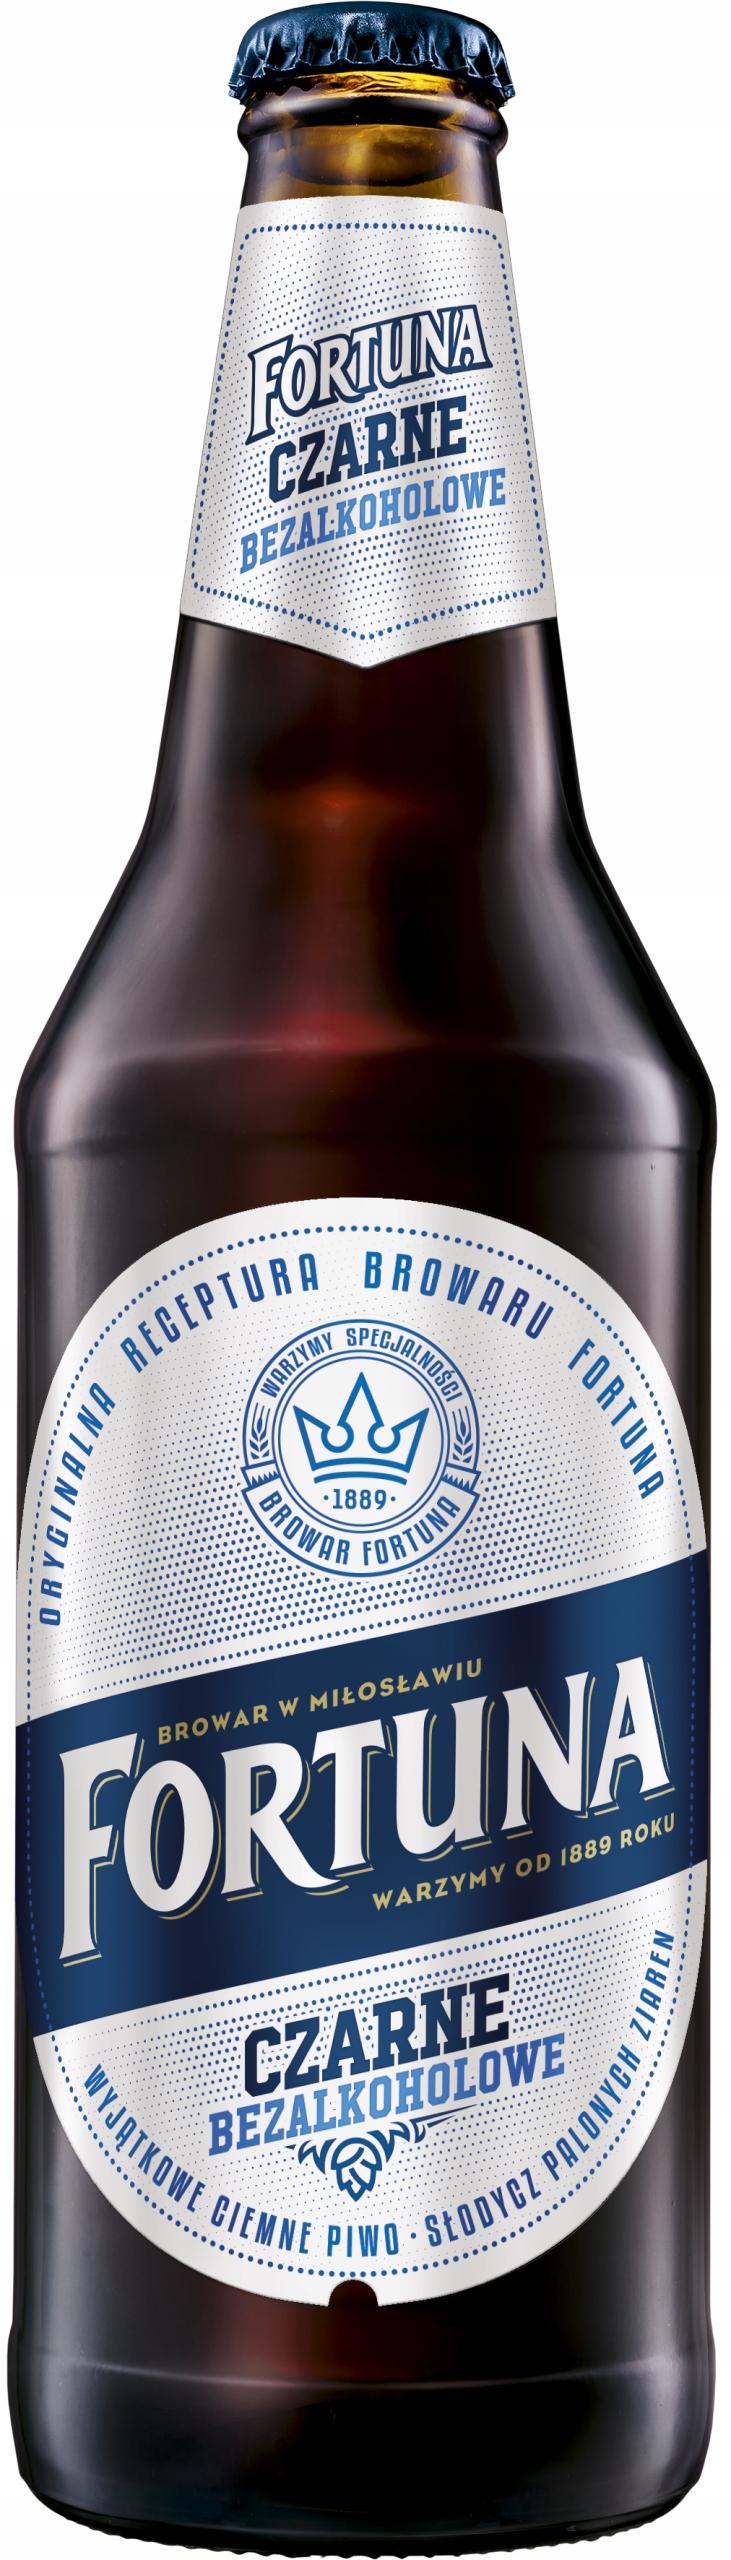 Piwo Fortuna Czarne bezalkoholowa <0,5% 500ml